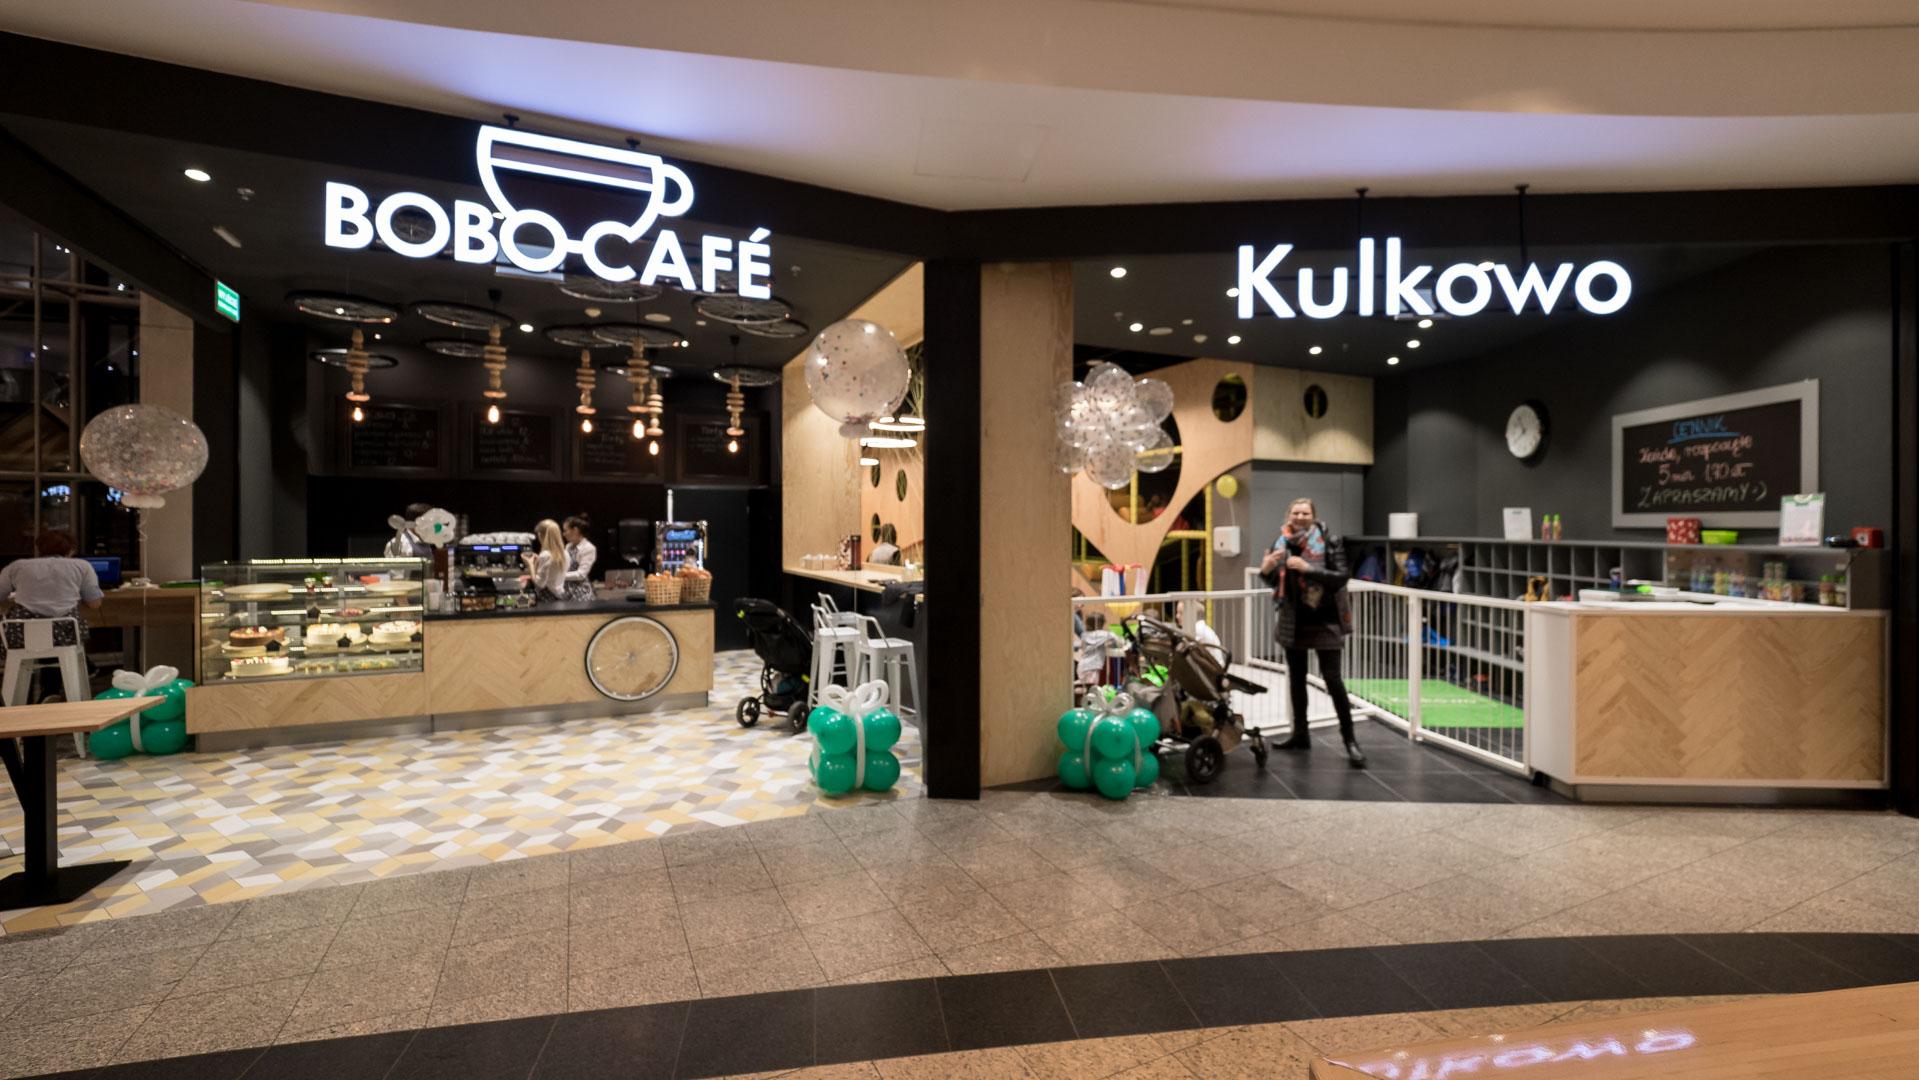 KC Kulkowo Bobo Cafe kamil konarski anna tasarz konarskitasarz_pl-15